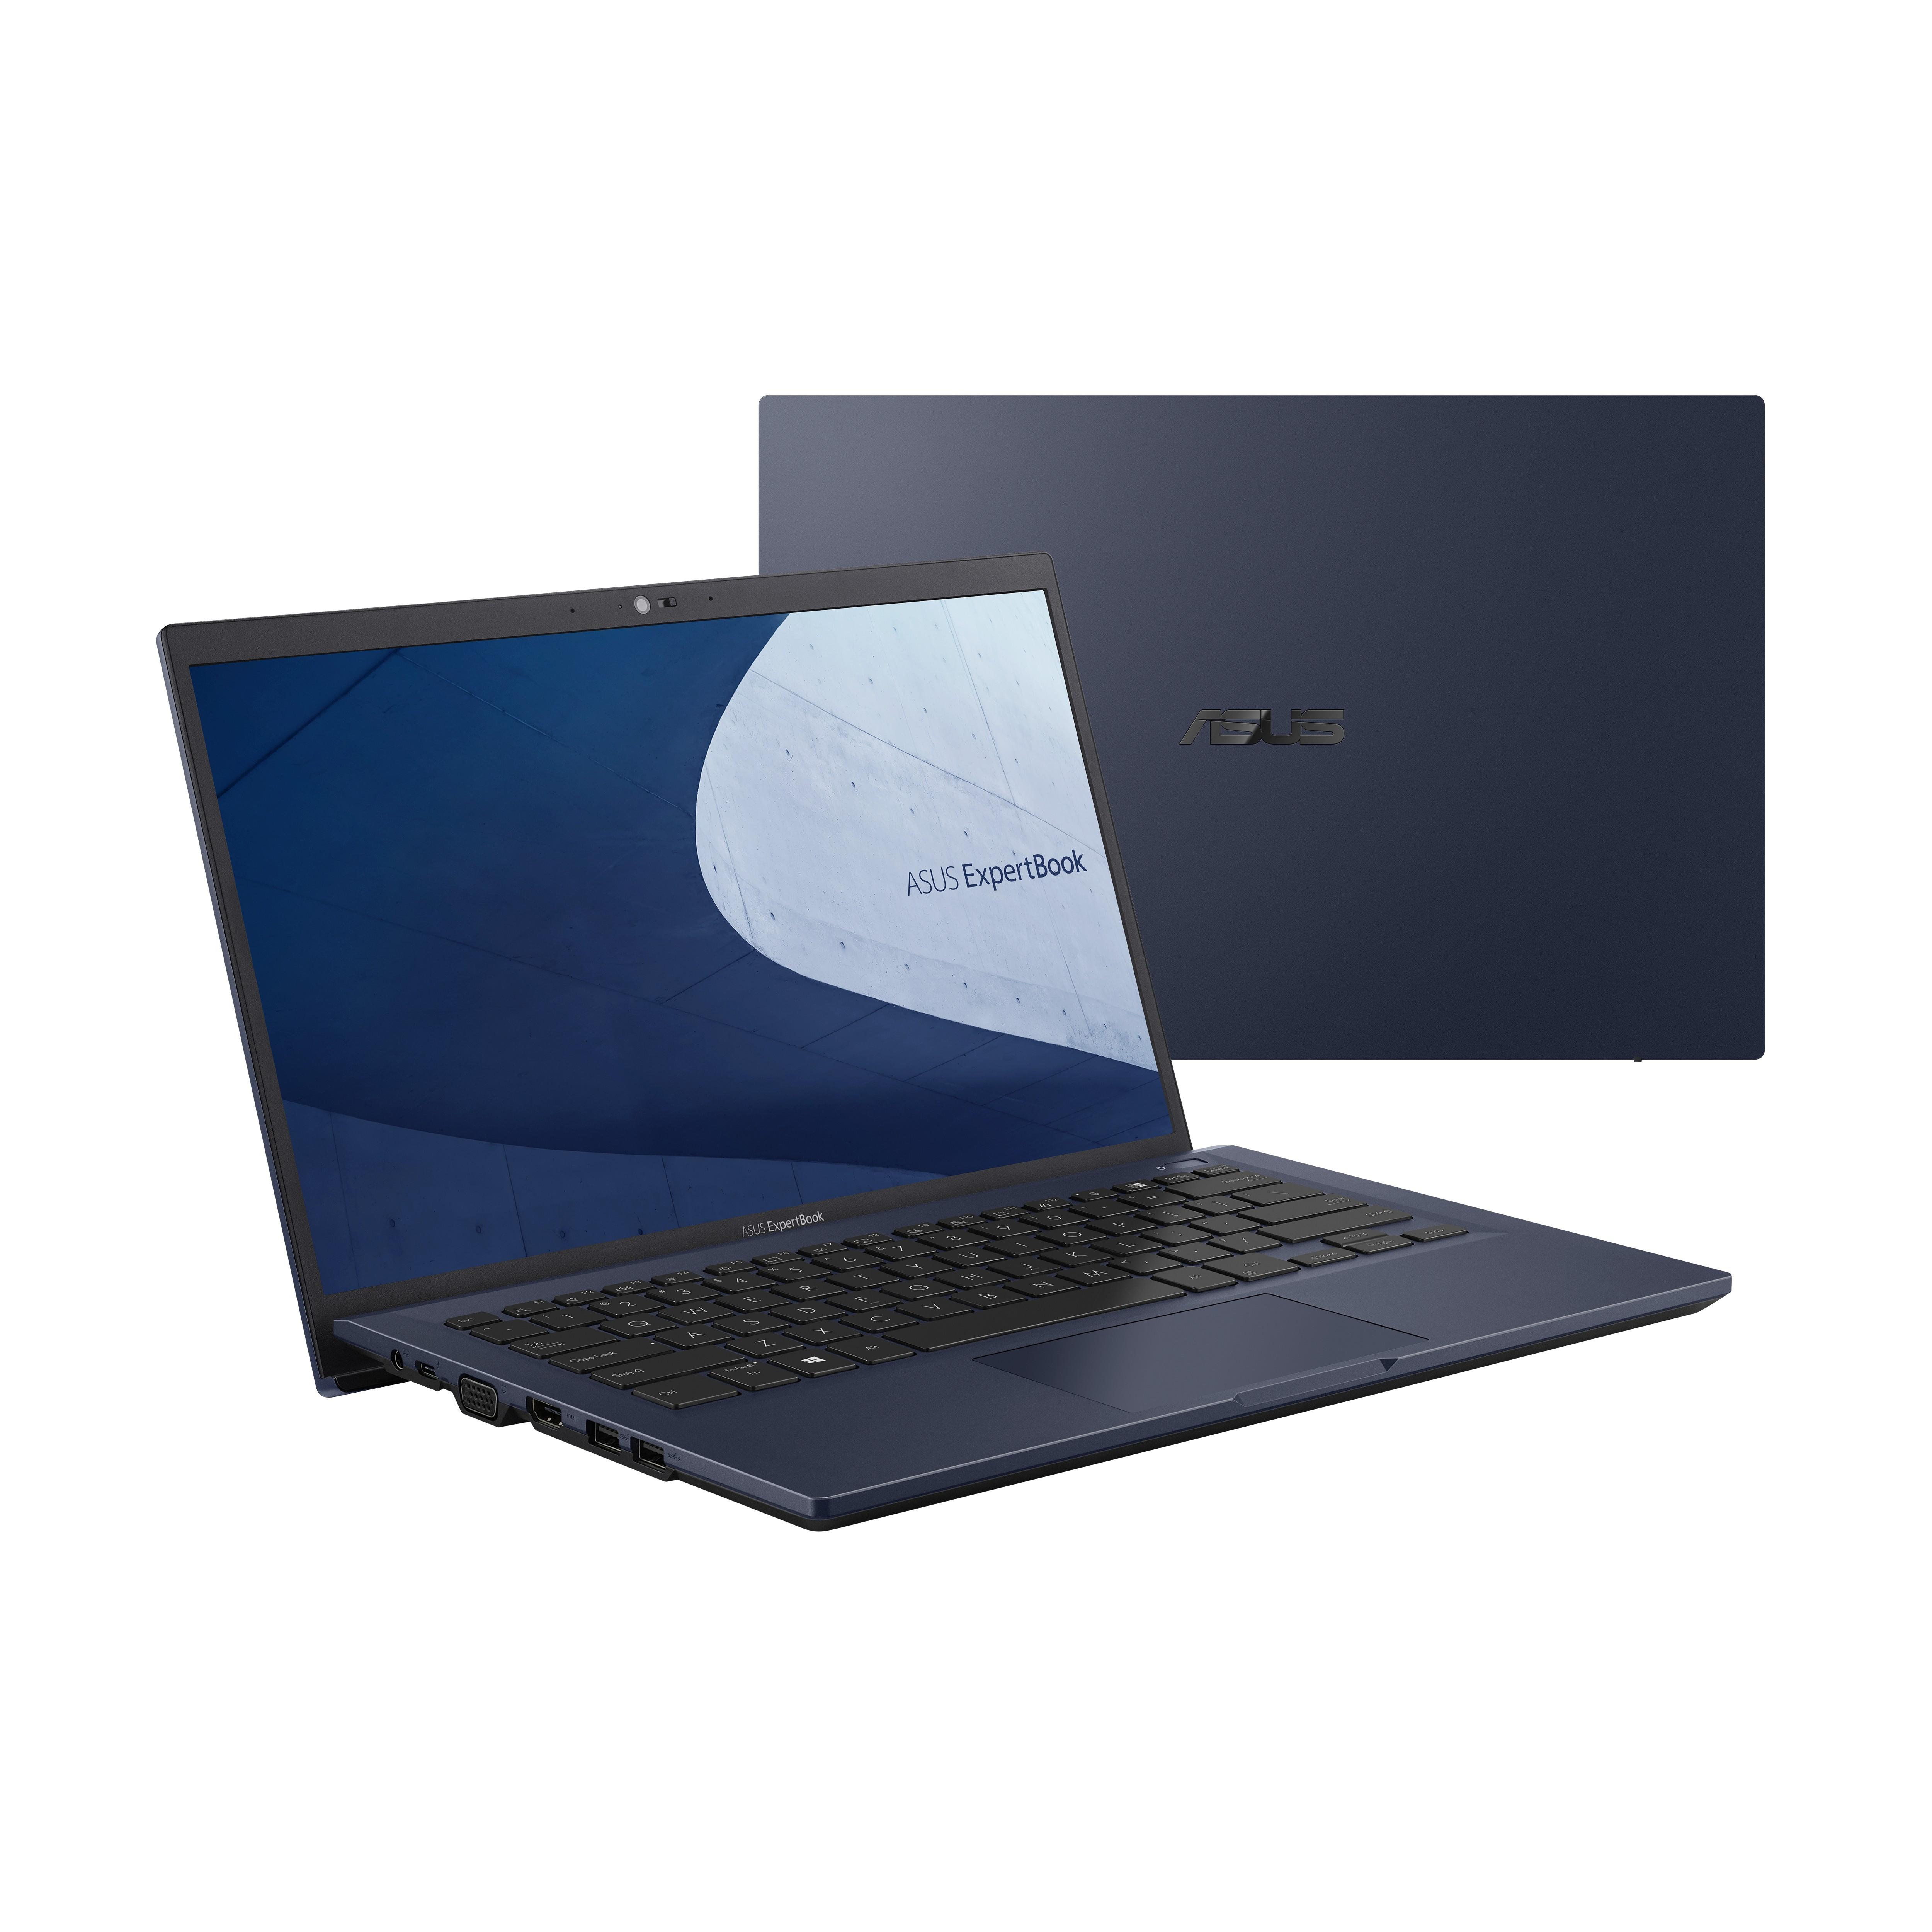 ASUS ExpertBook B1 (B1400CEAE-EK0252R)